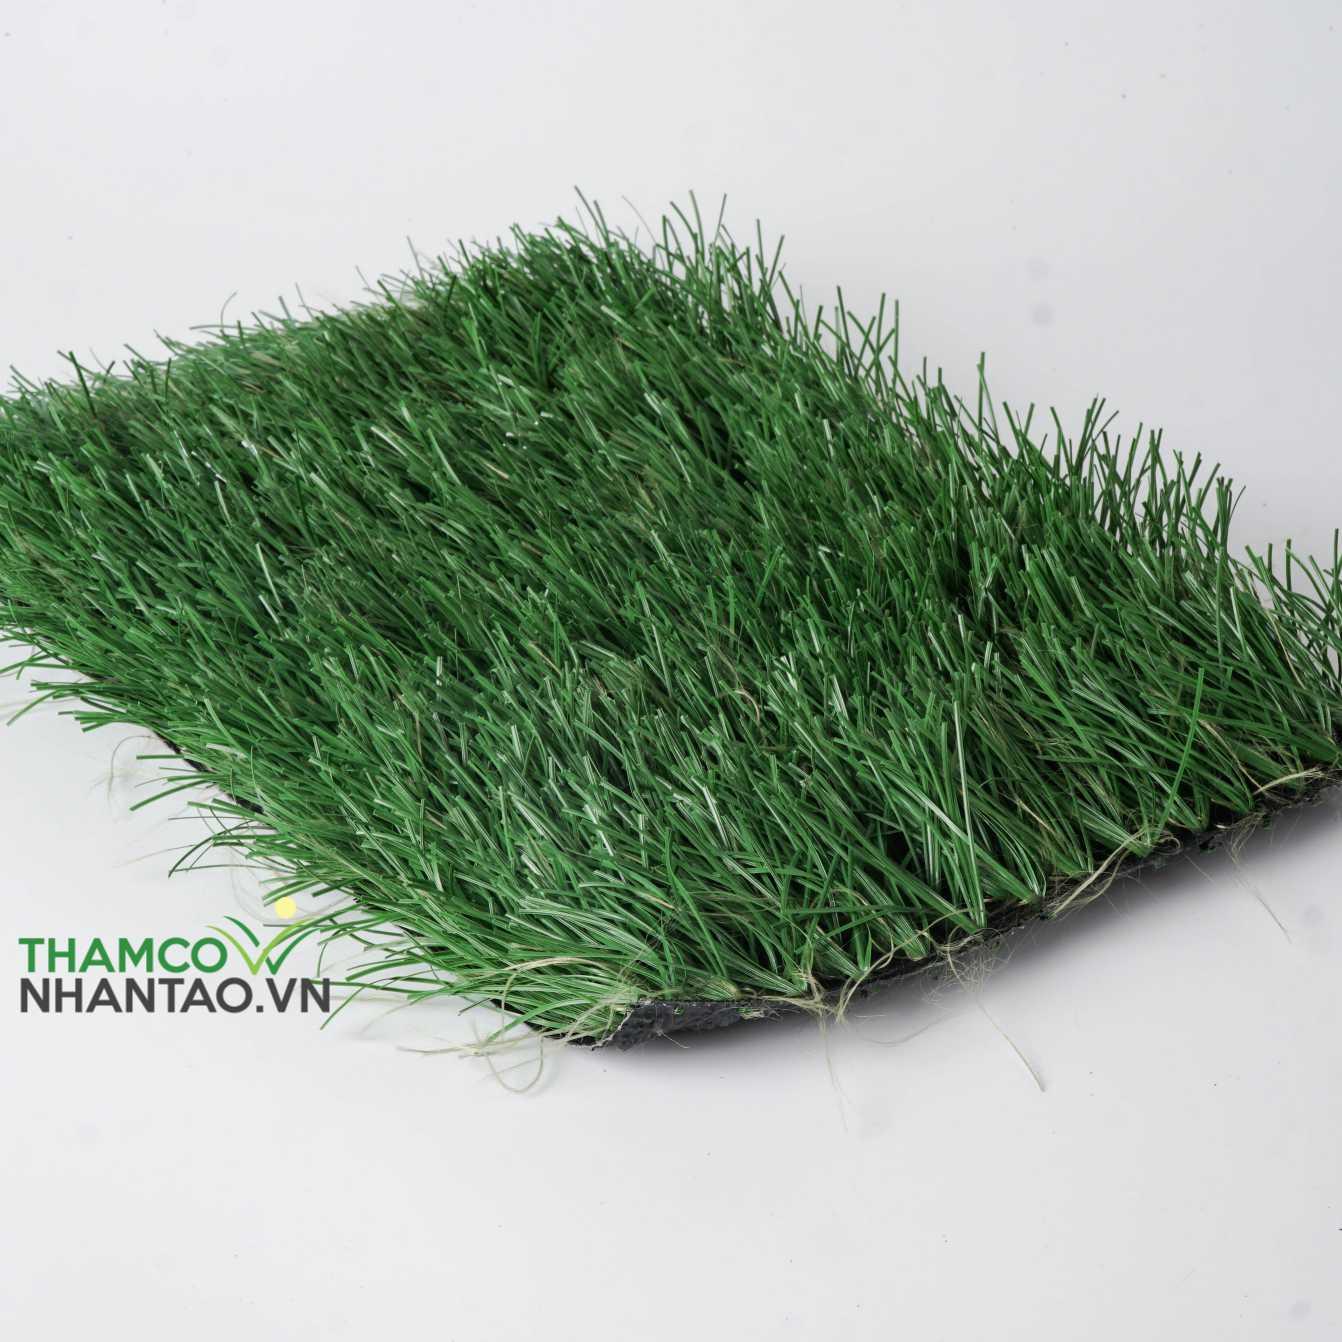 Lưu ý gì khi mua thảm cỏ nhân tạo sân bóng? 1